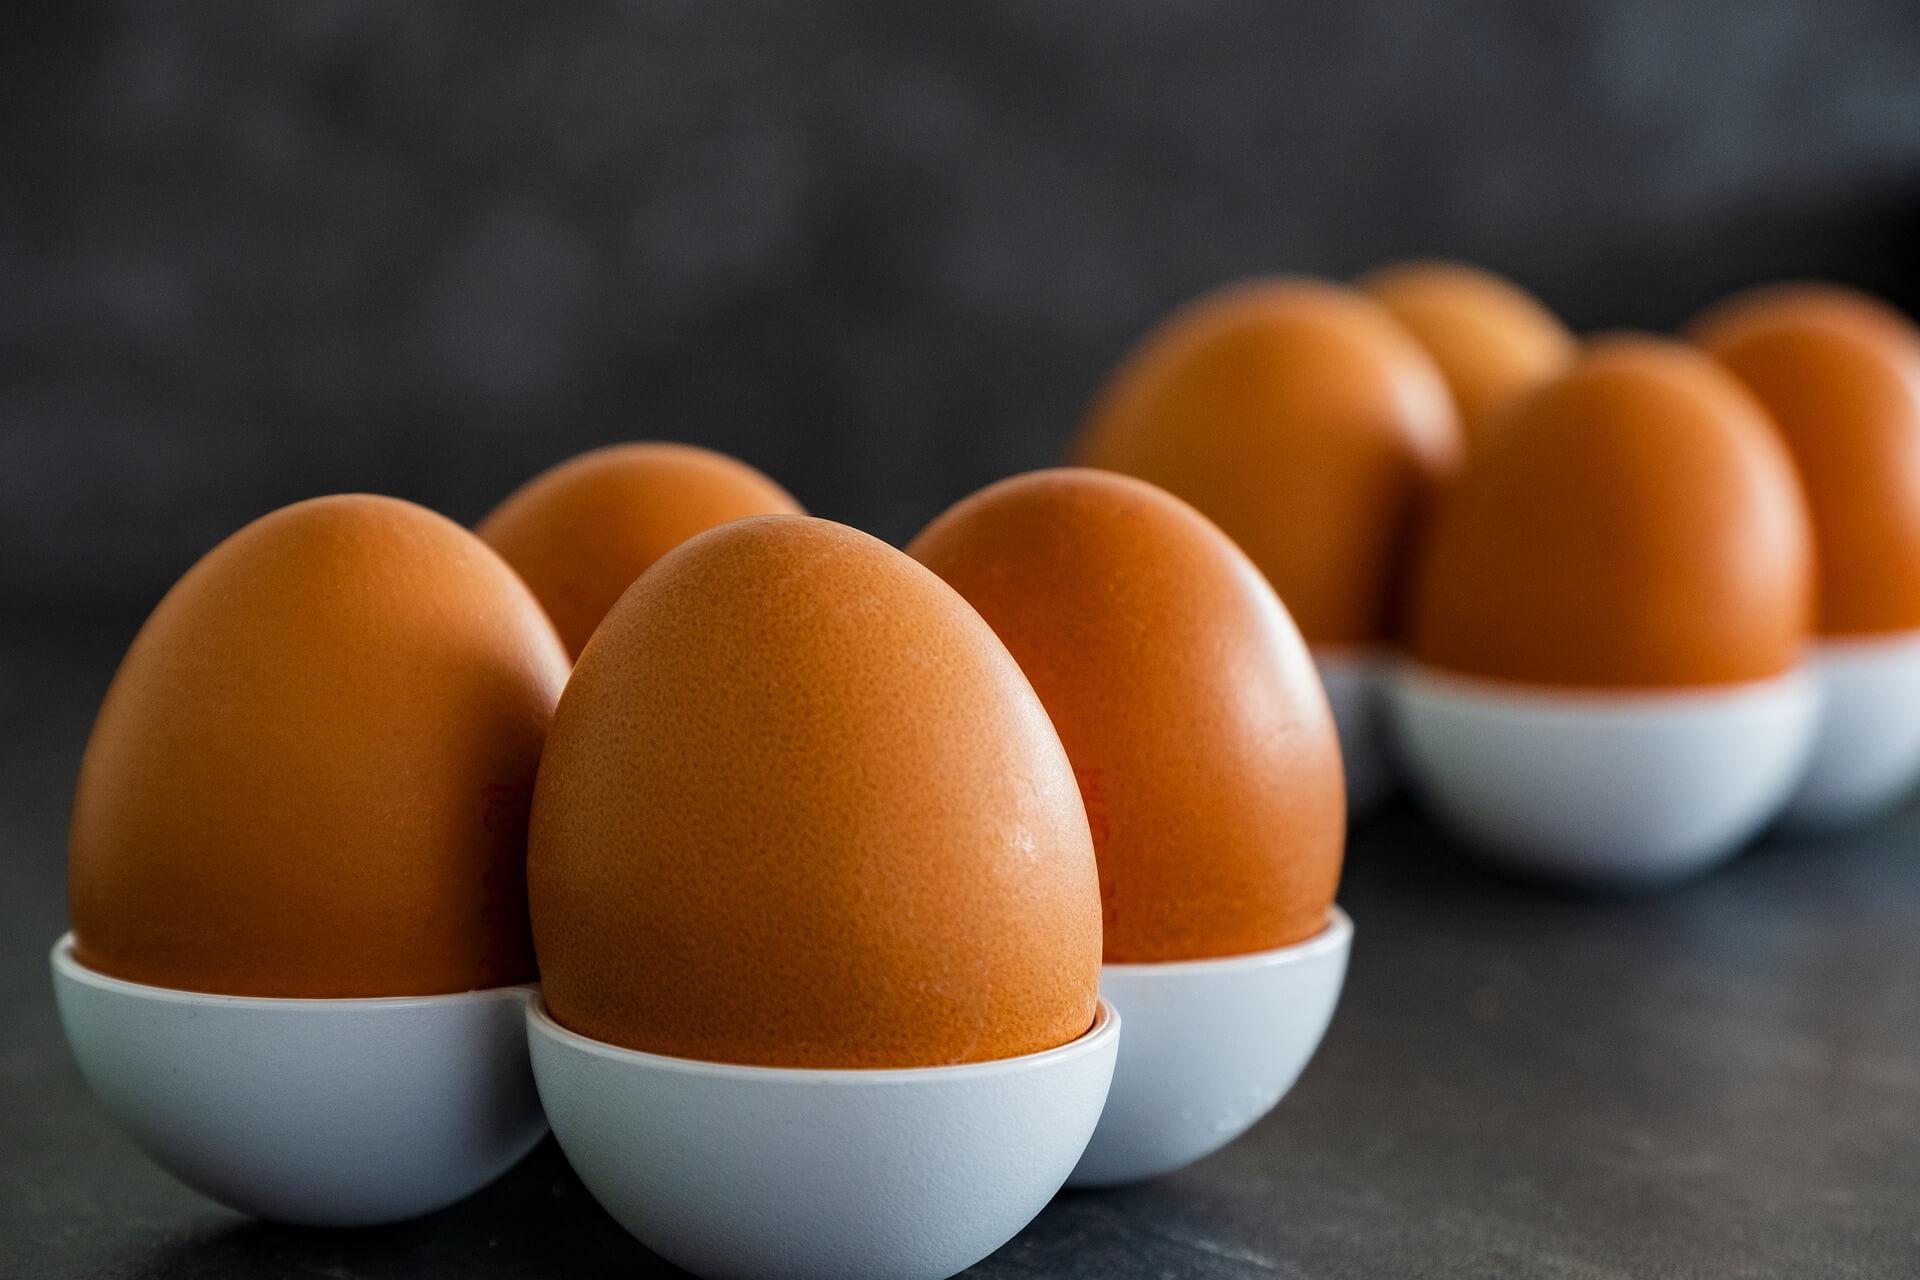 kurze jajka